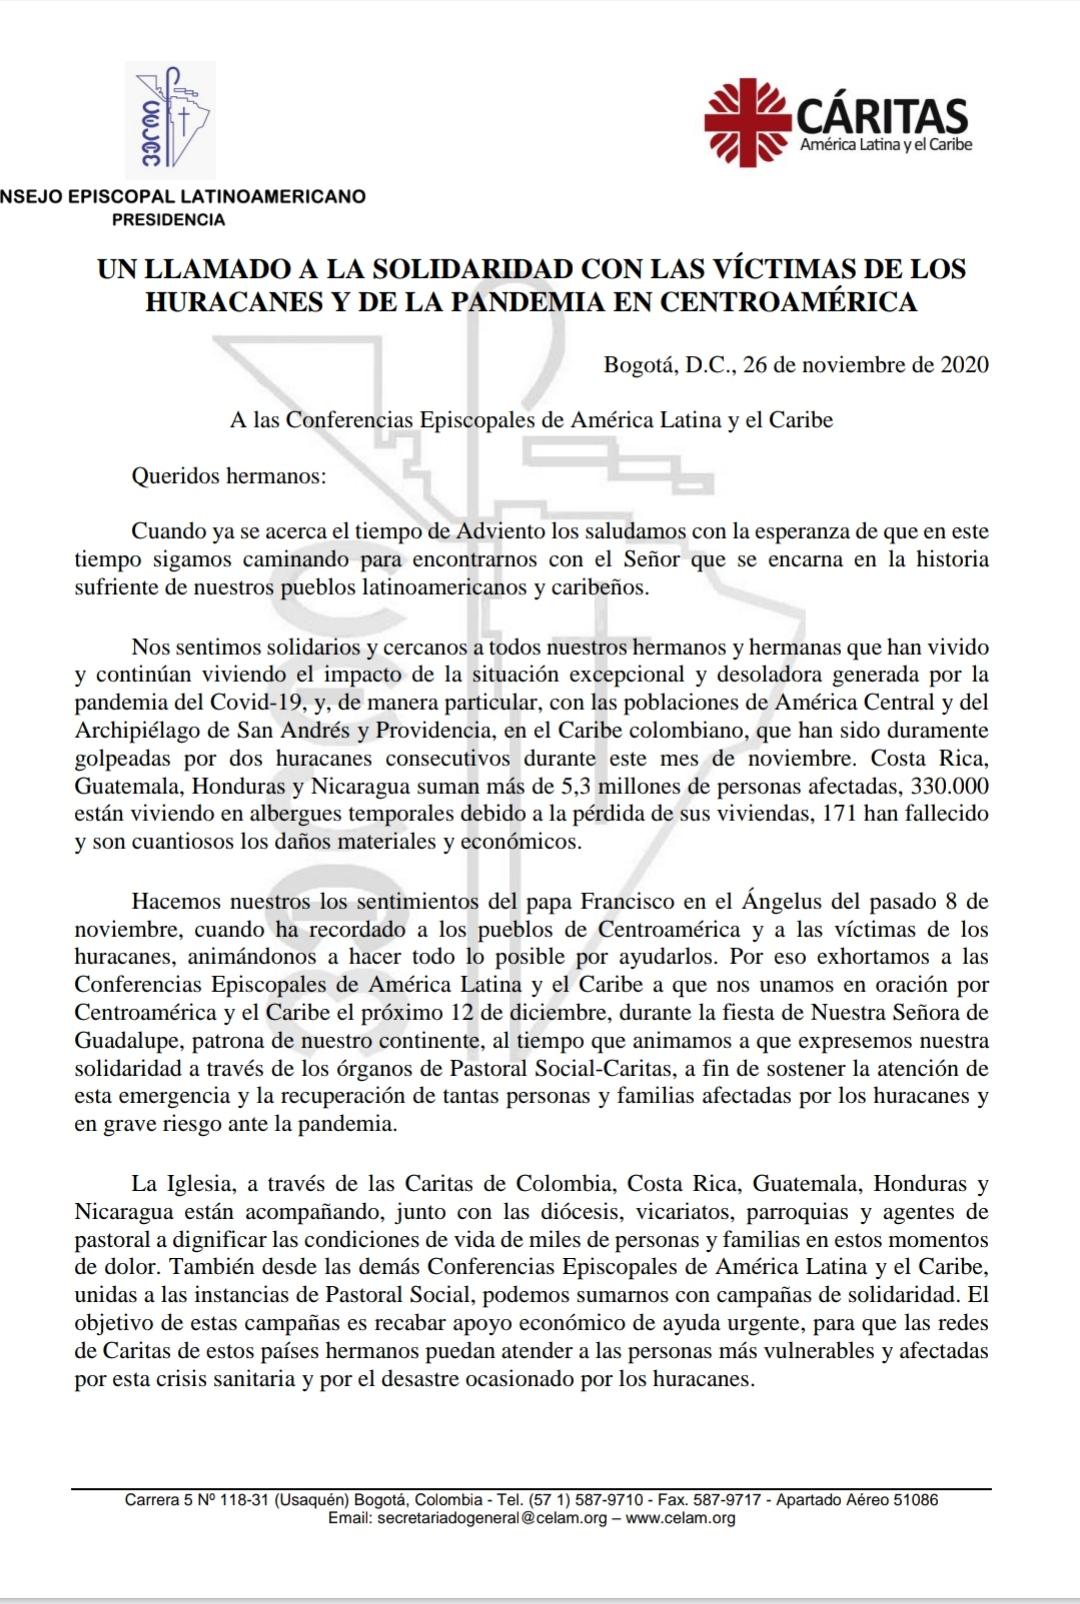 Nota CELAM y Cárita América Latina y el Caribe